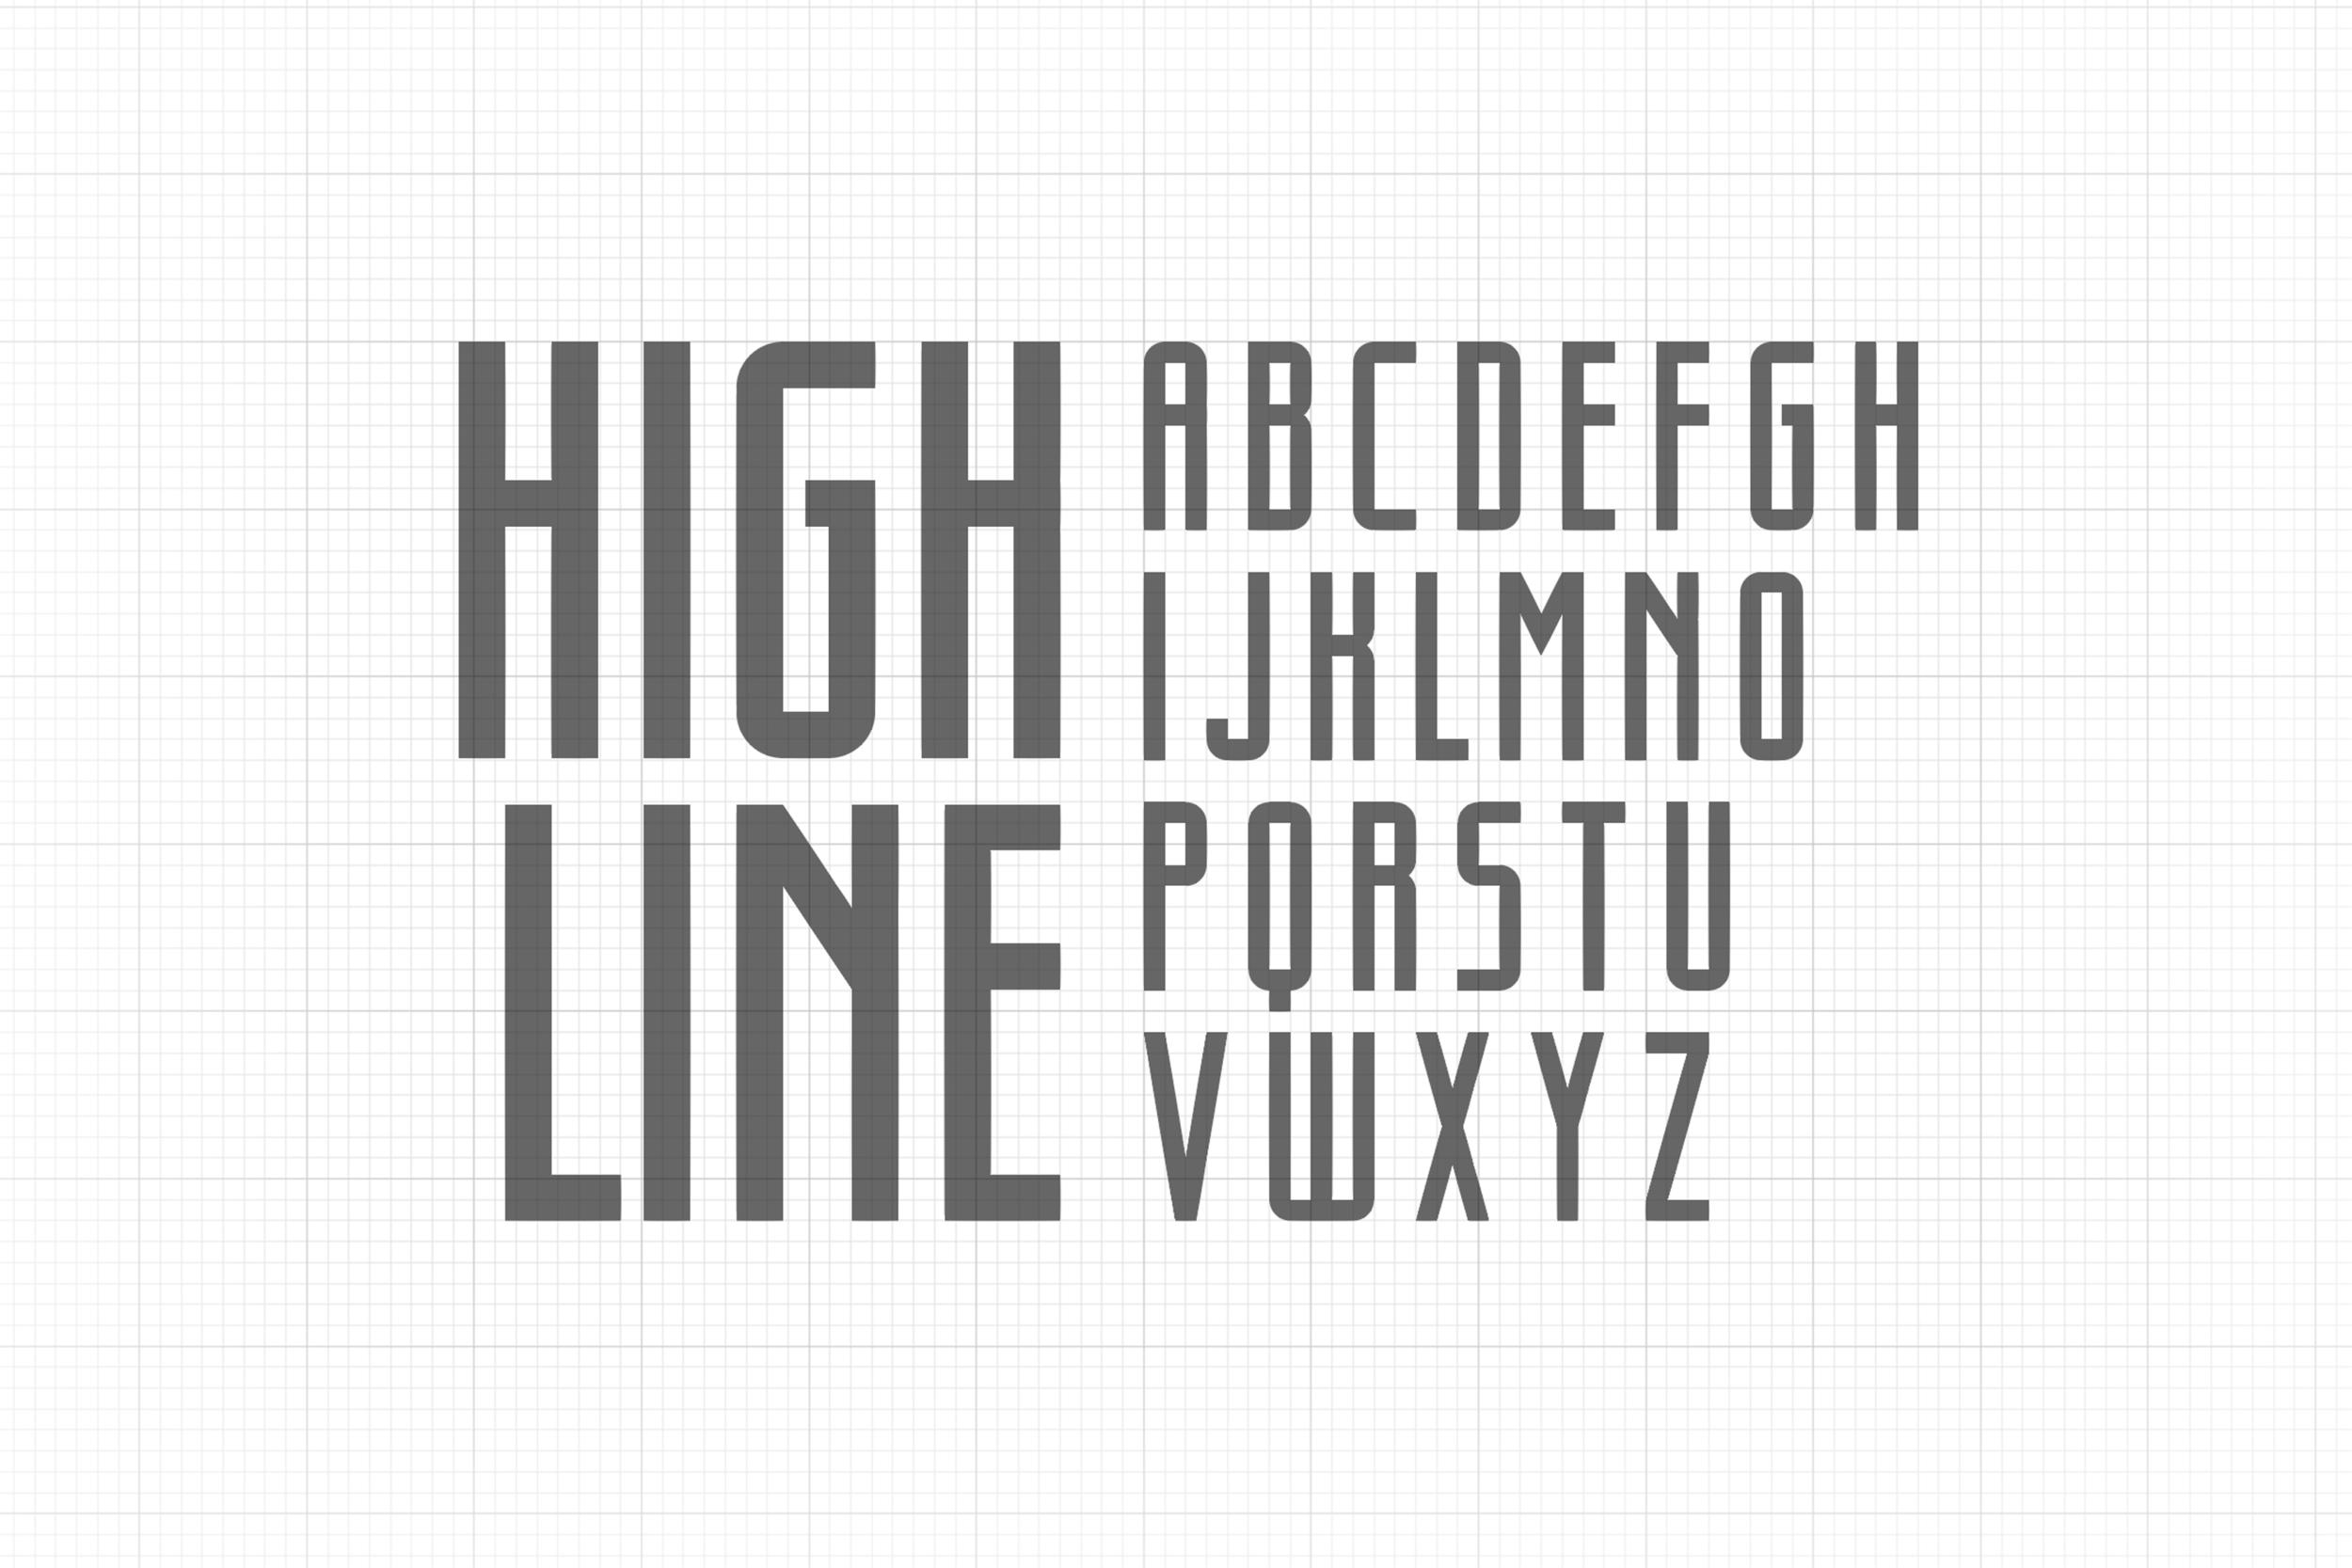 Custom Letterforms